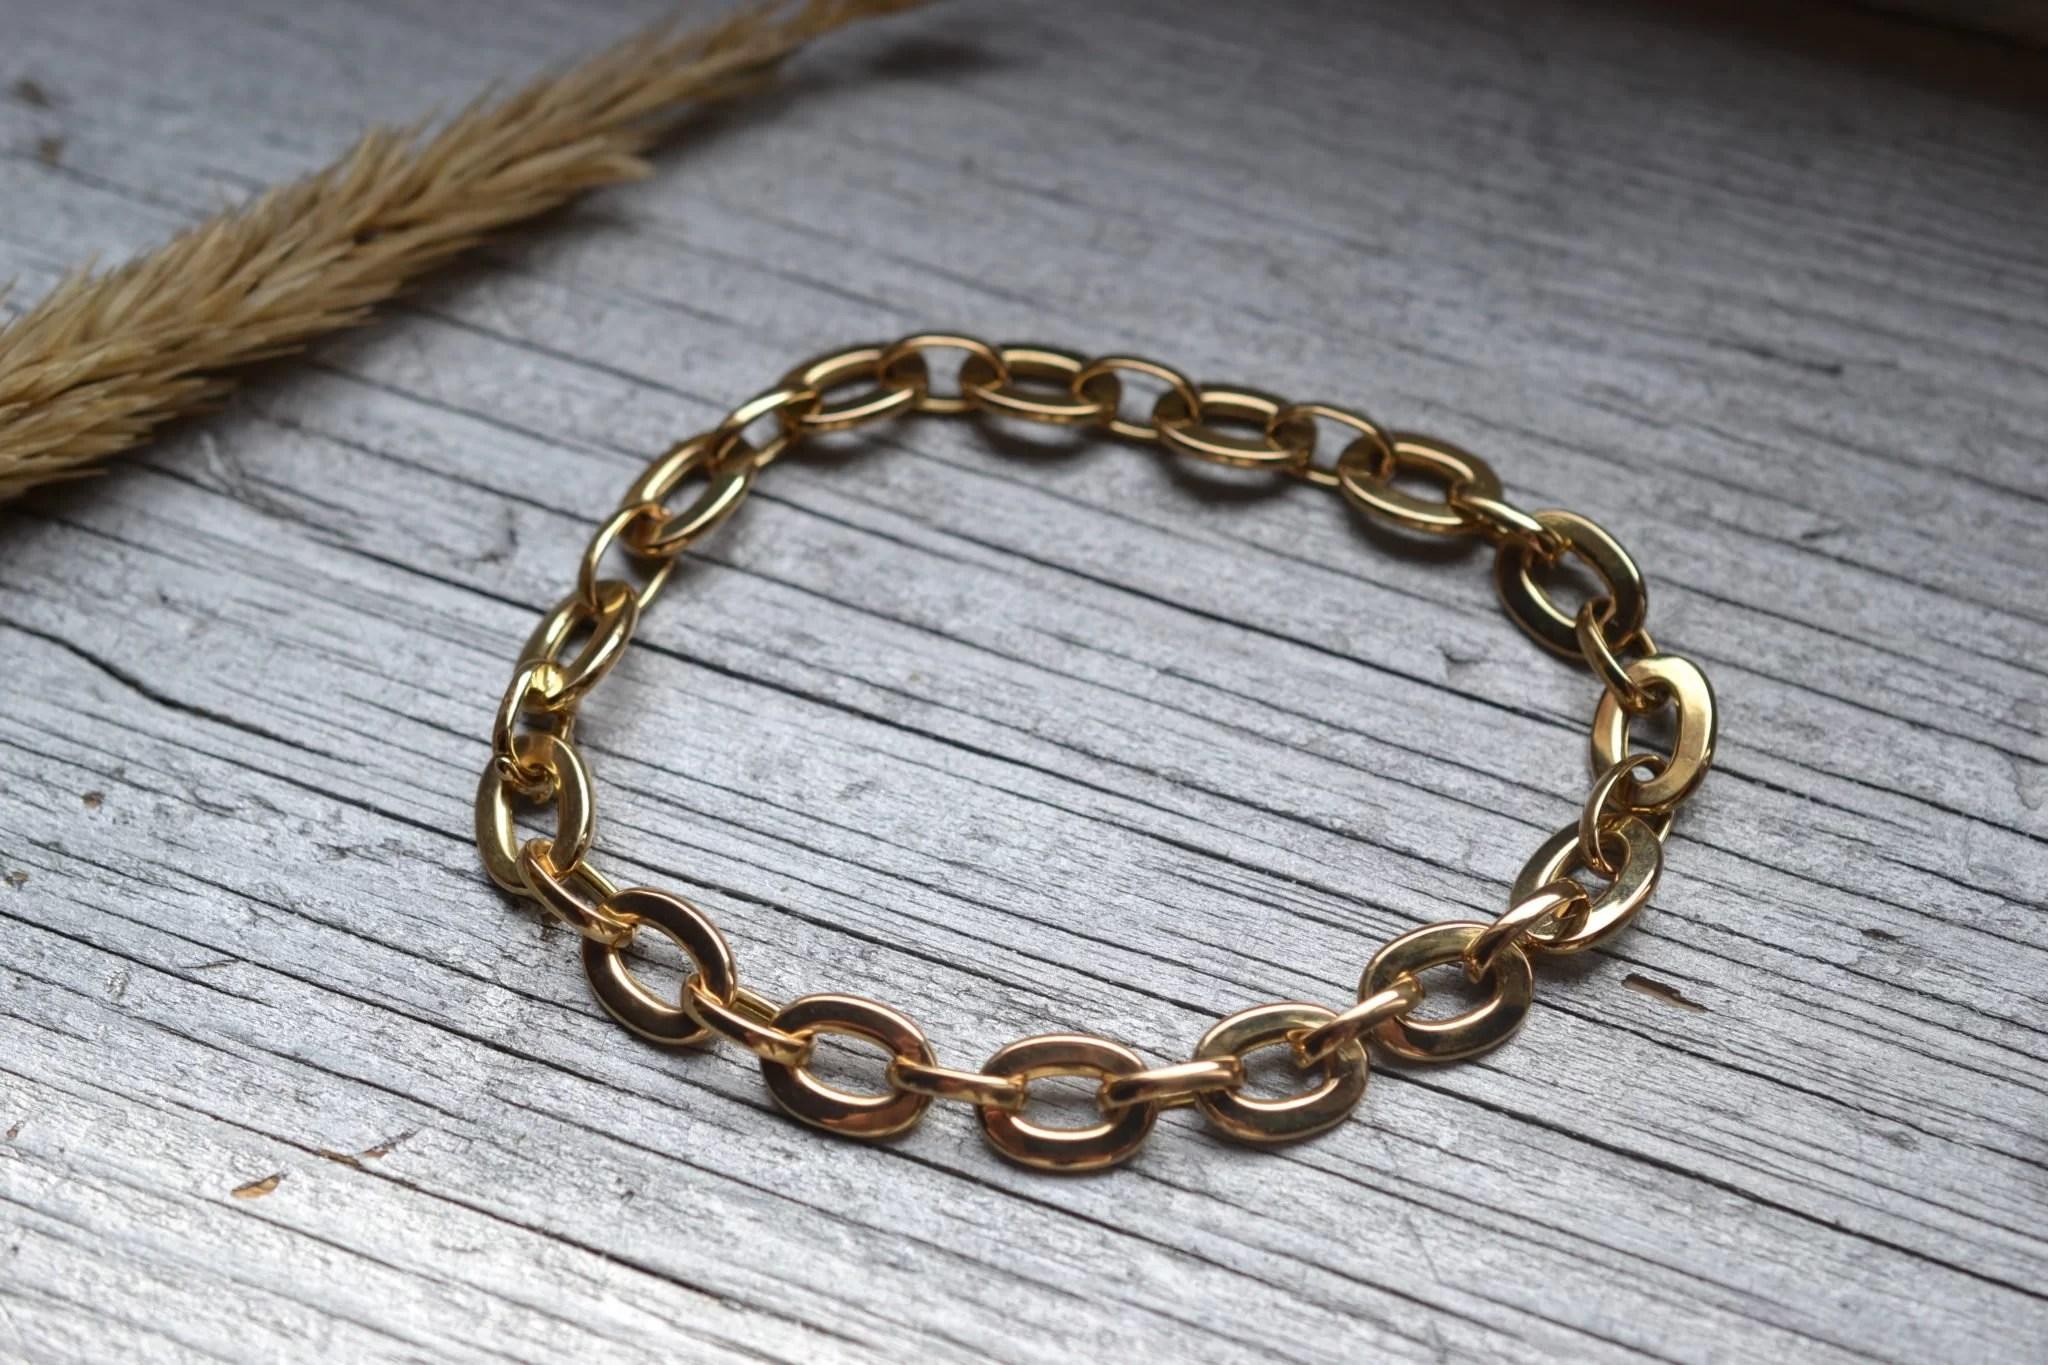 bracelet ancien maillons en Or 18 carats - bijoux ecoresponsables circulaires